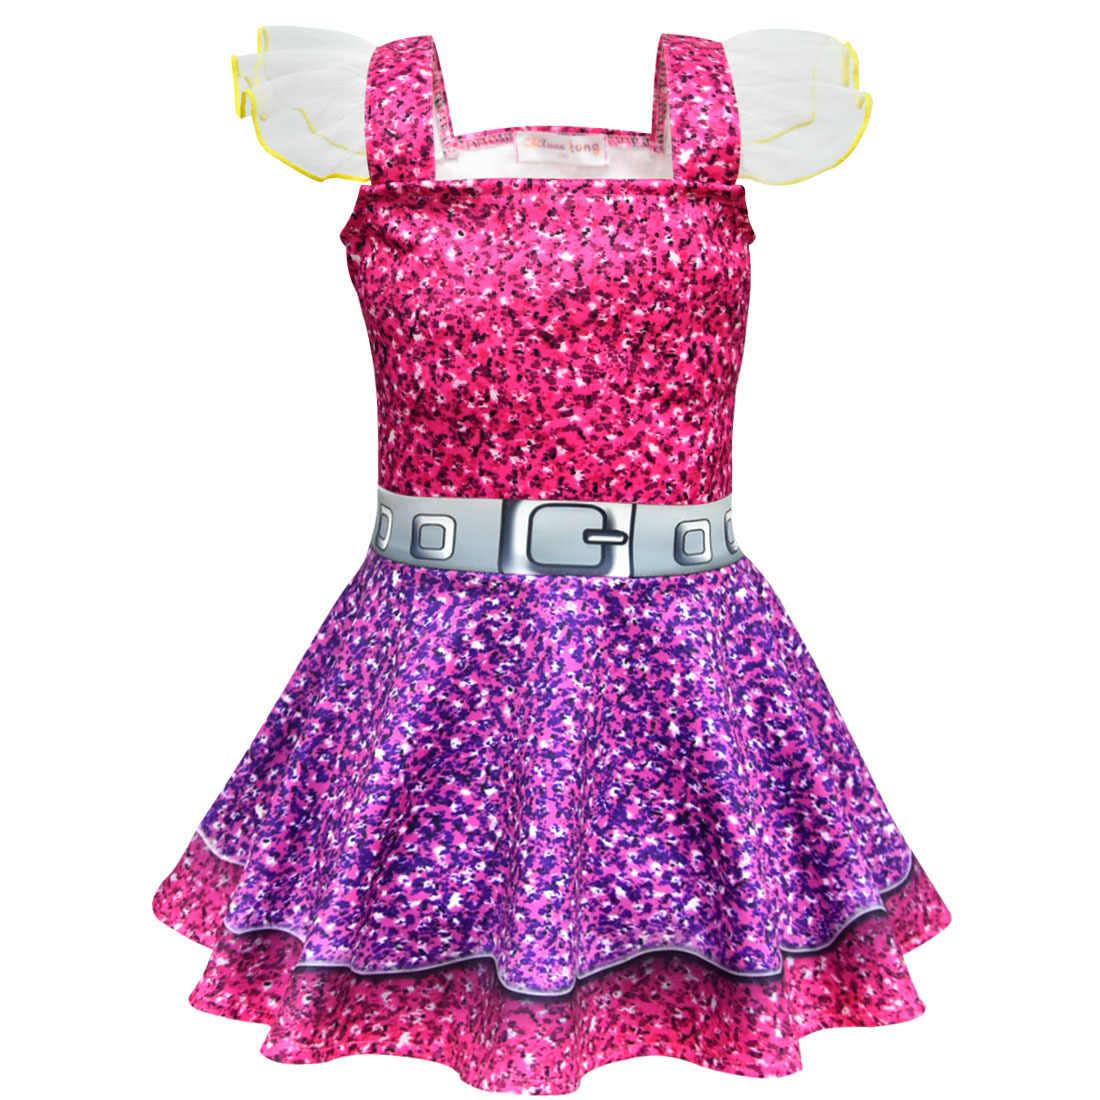 LOL Vestido Colorido Vestidos De Meninas 2019 Menina Cosplay Vestido de Festa de Natal Dia Das Bruxas Máscara Surpresa Roupas das Crianças do Traje